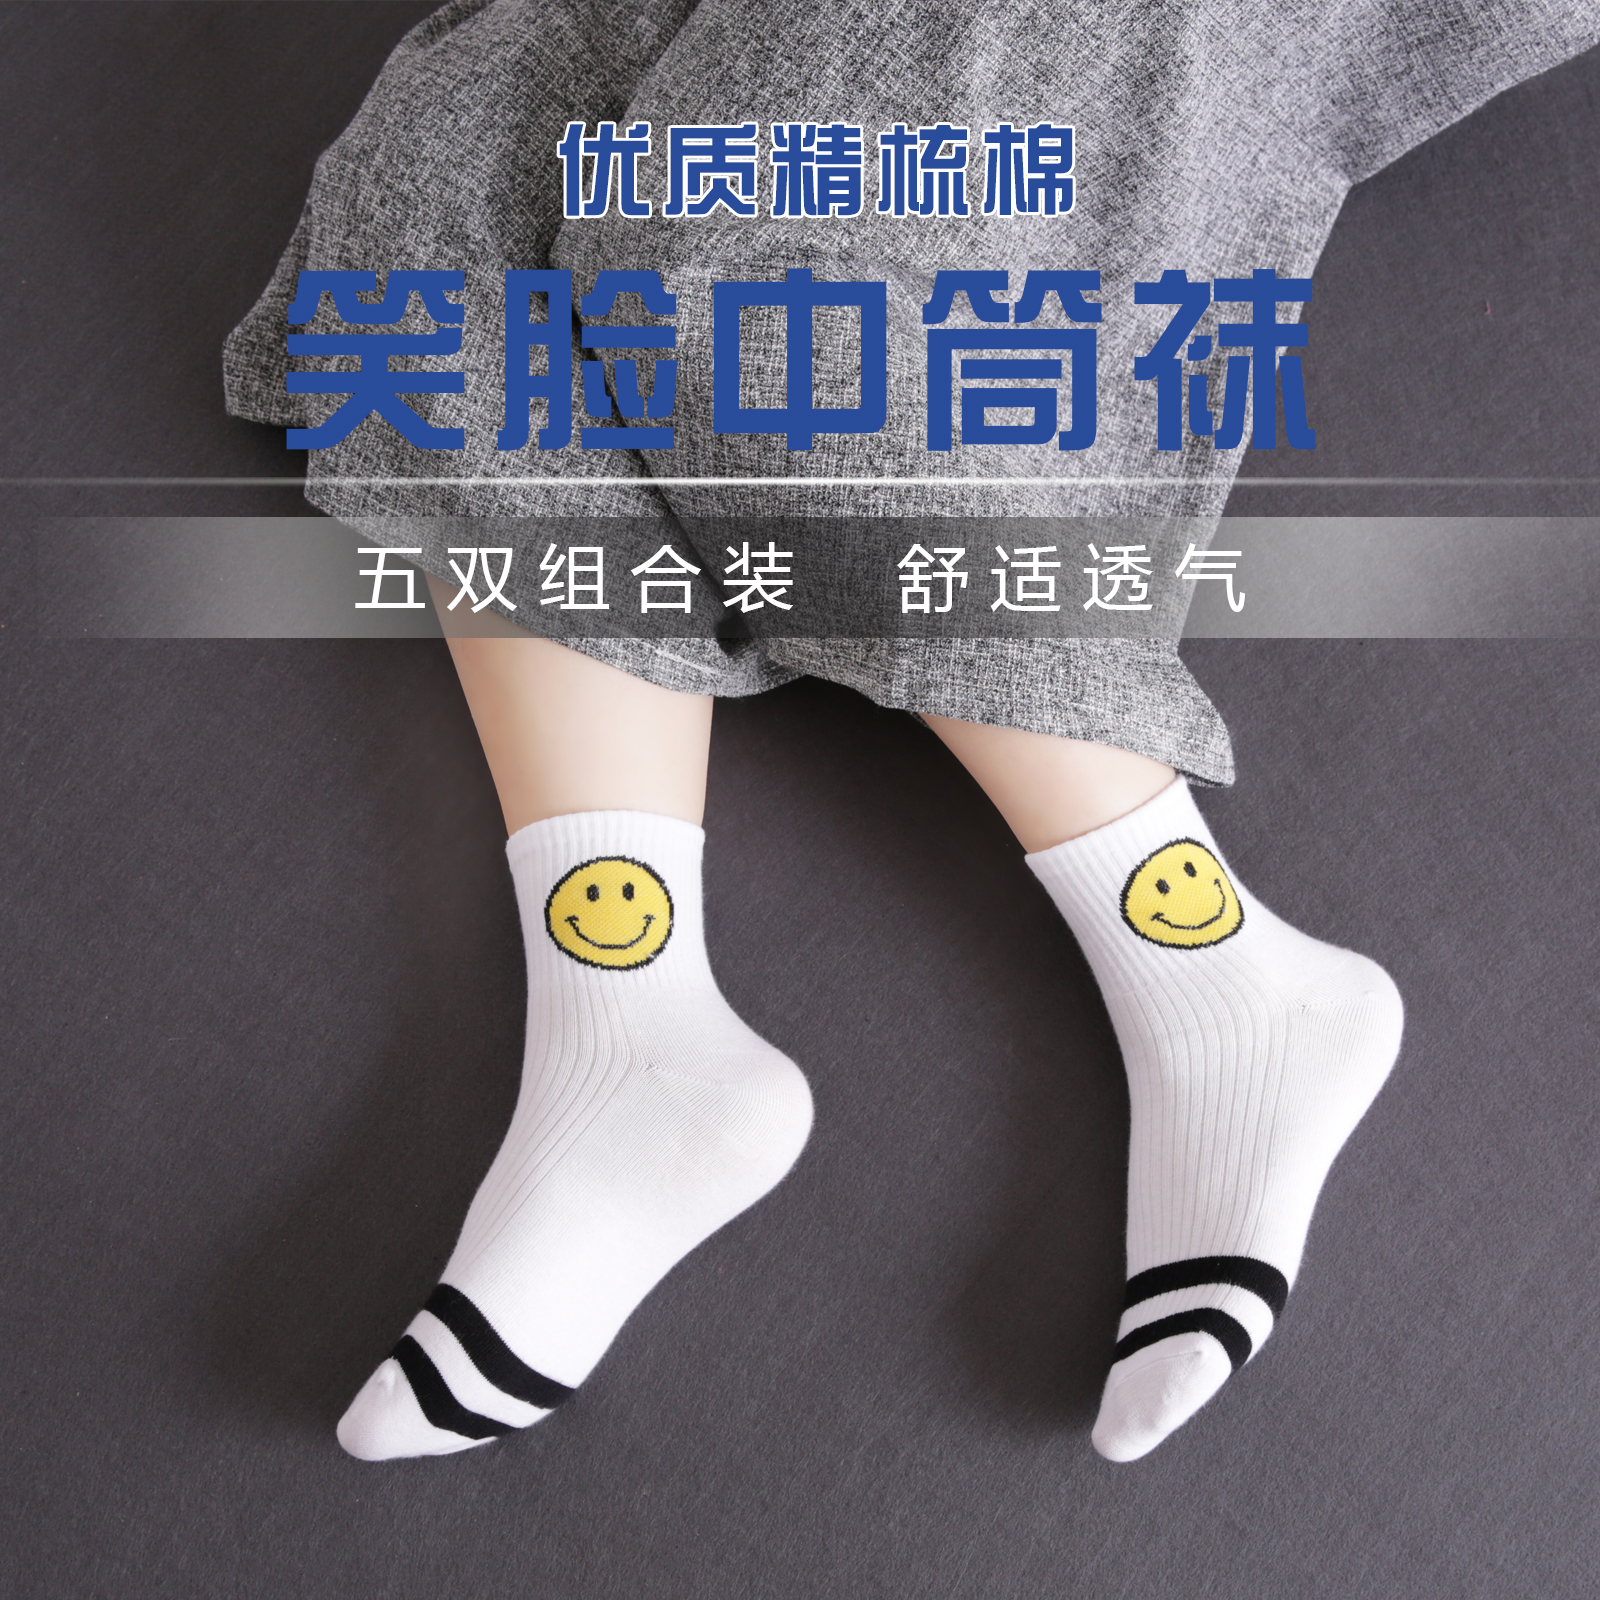 袜子女中筒袜韩国ulzzang学院风条纹棒球日系原宿运动百搭情侣潮